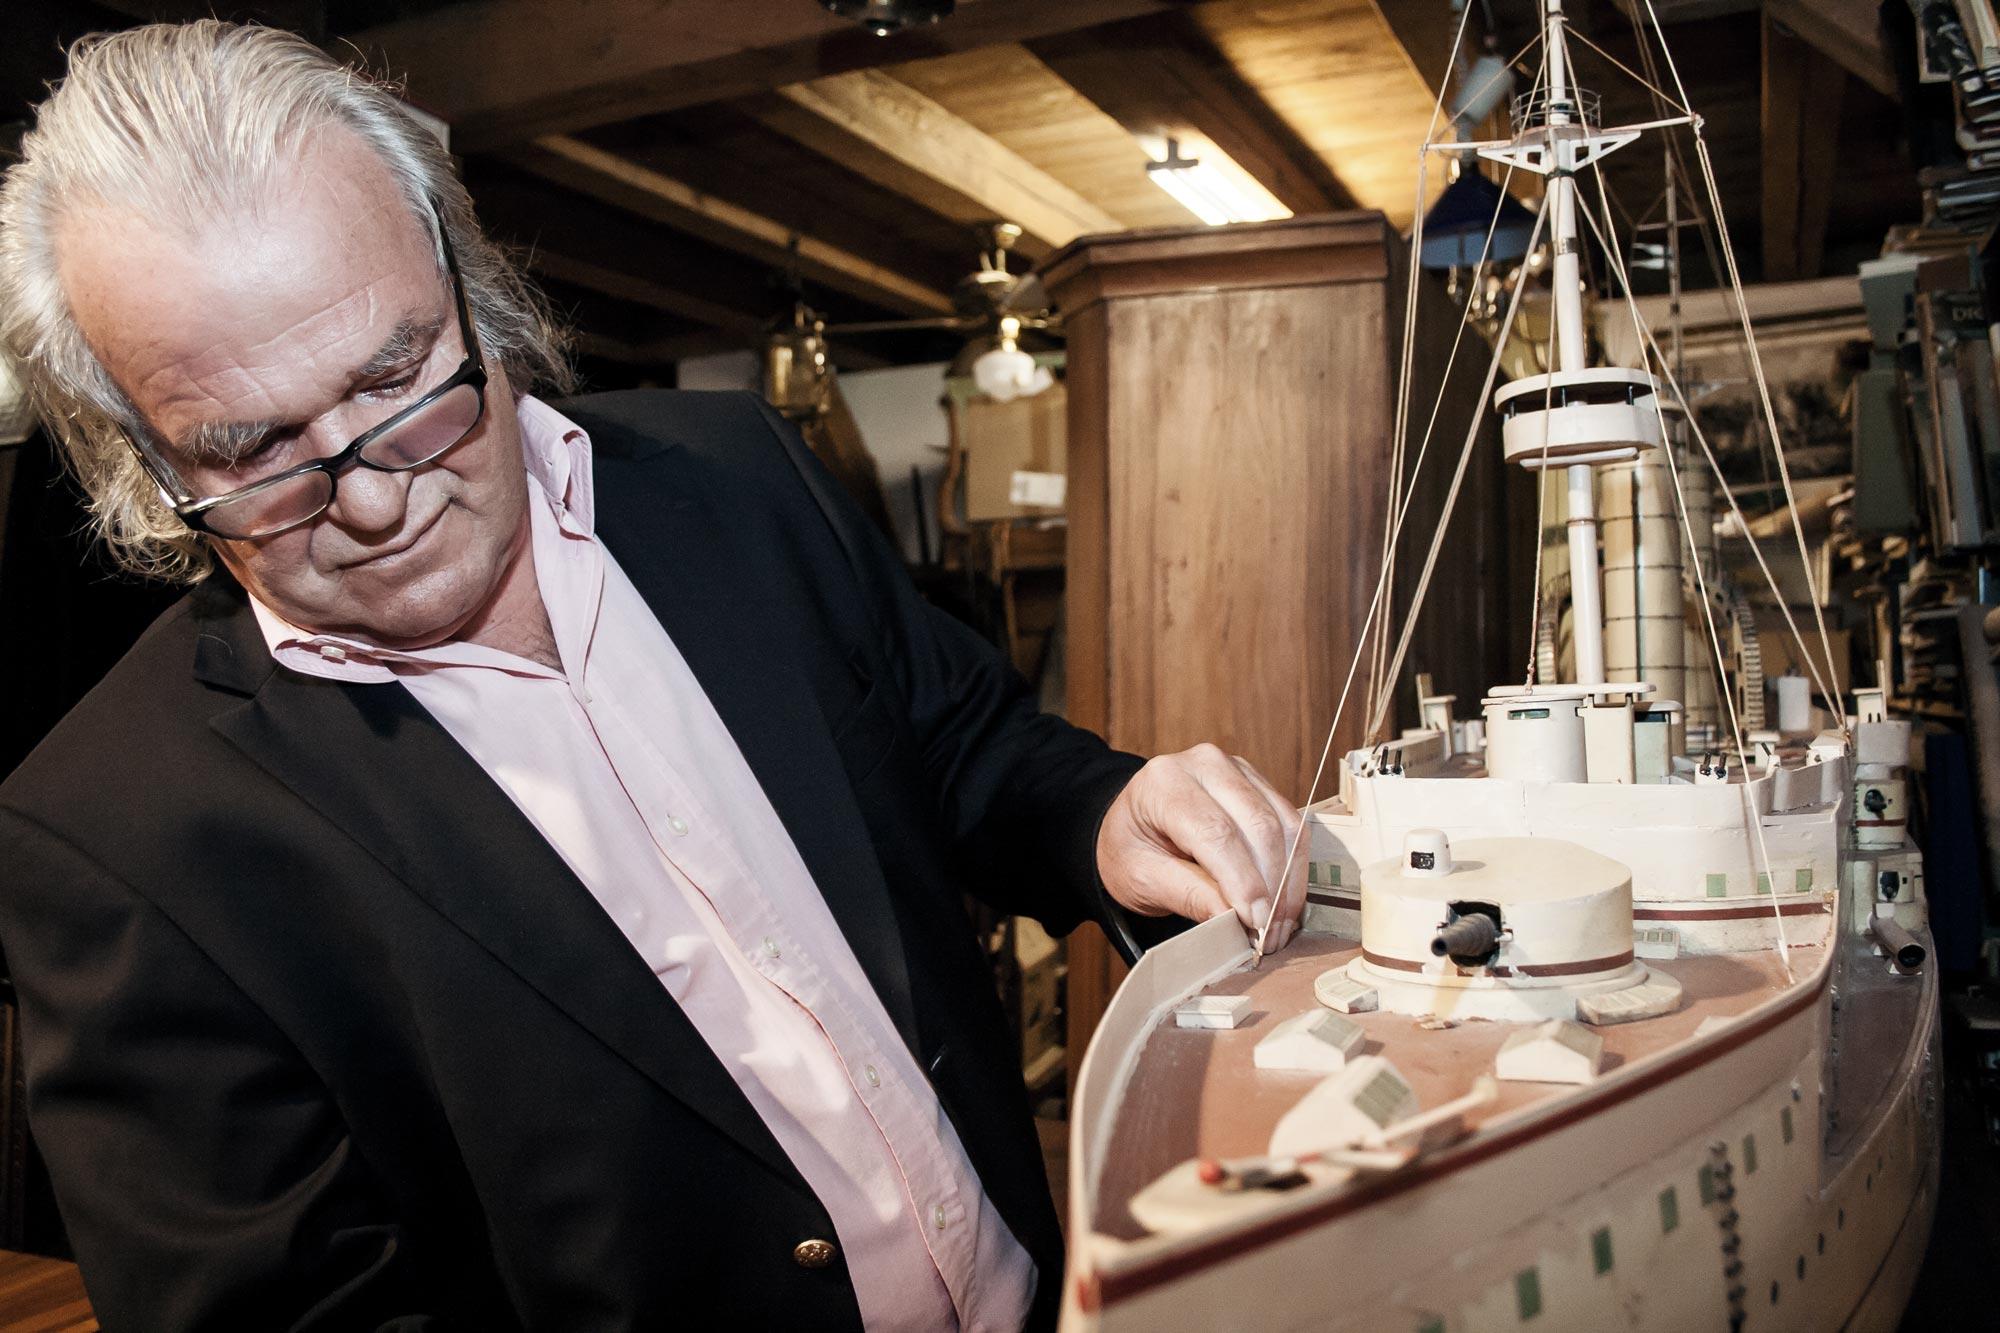 Antik Experte albert maier - antik maier - antiquitäten-tv-experte